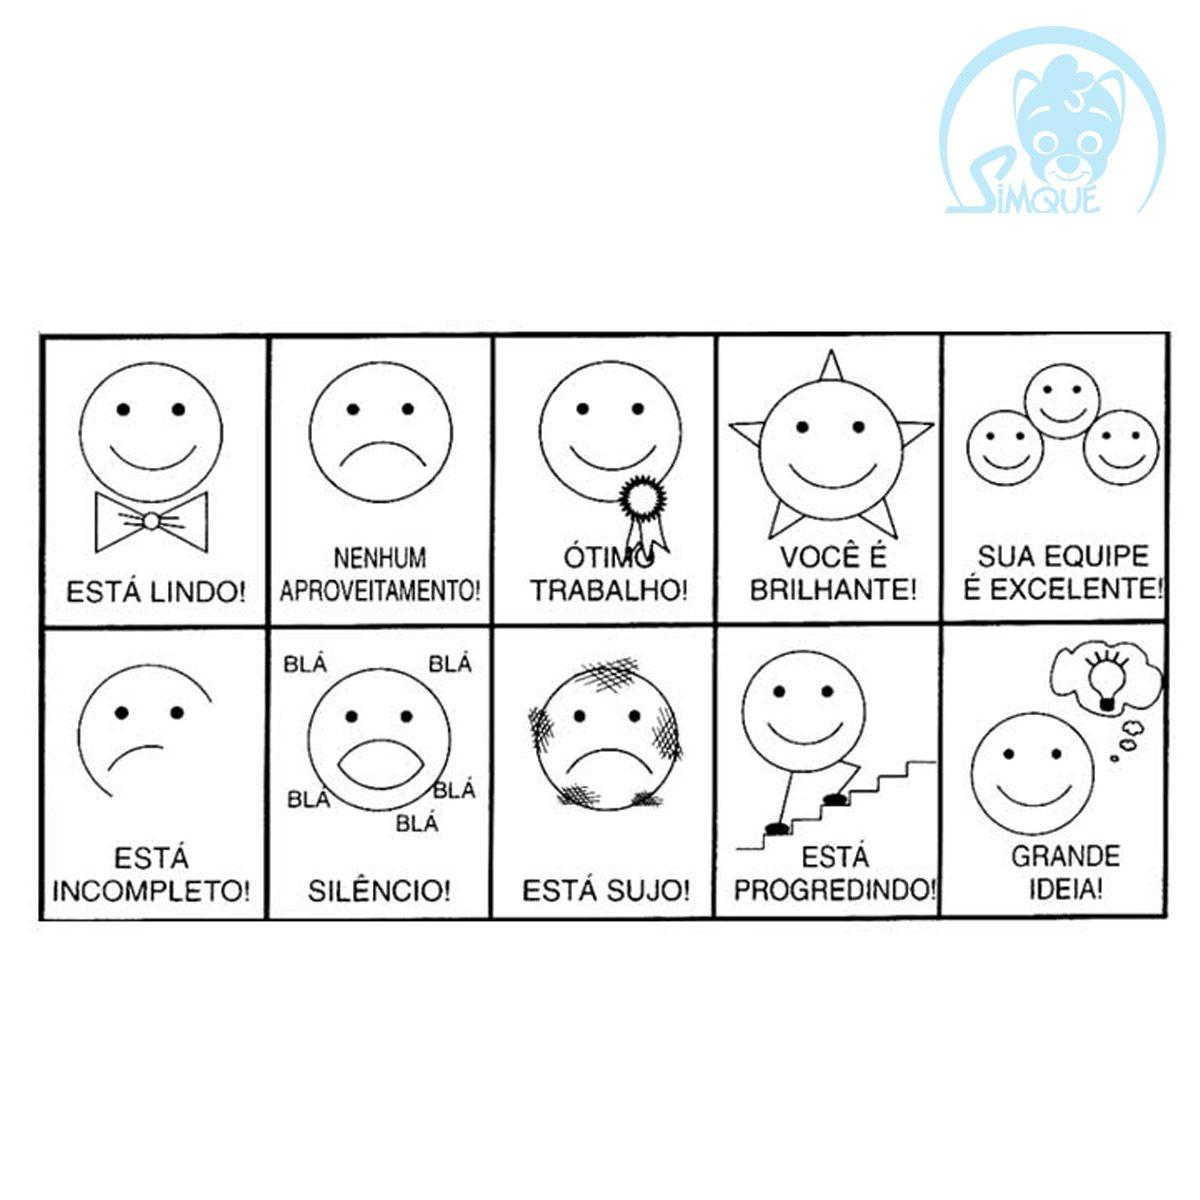 Carimbo Avaliação Modelo Expressões Faciais